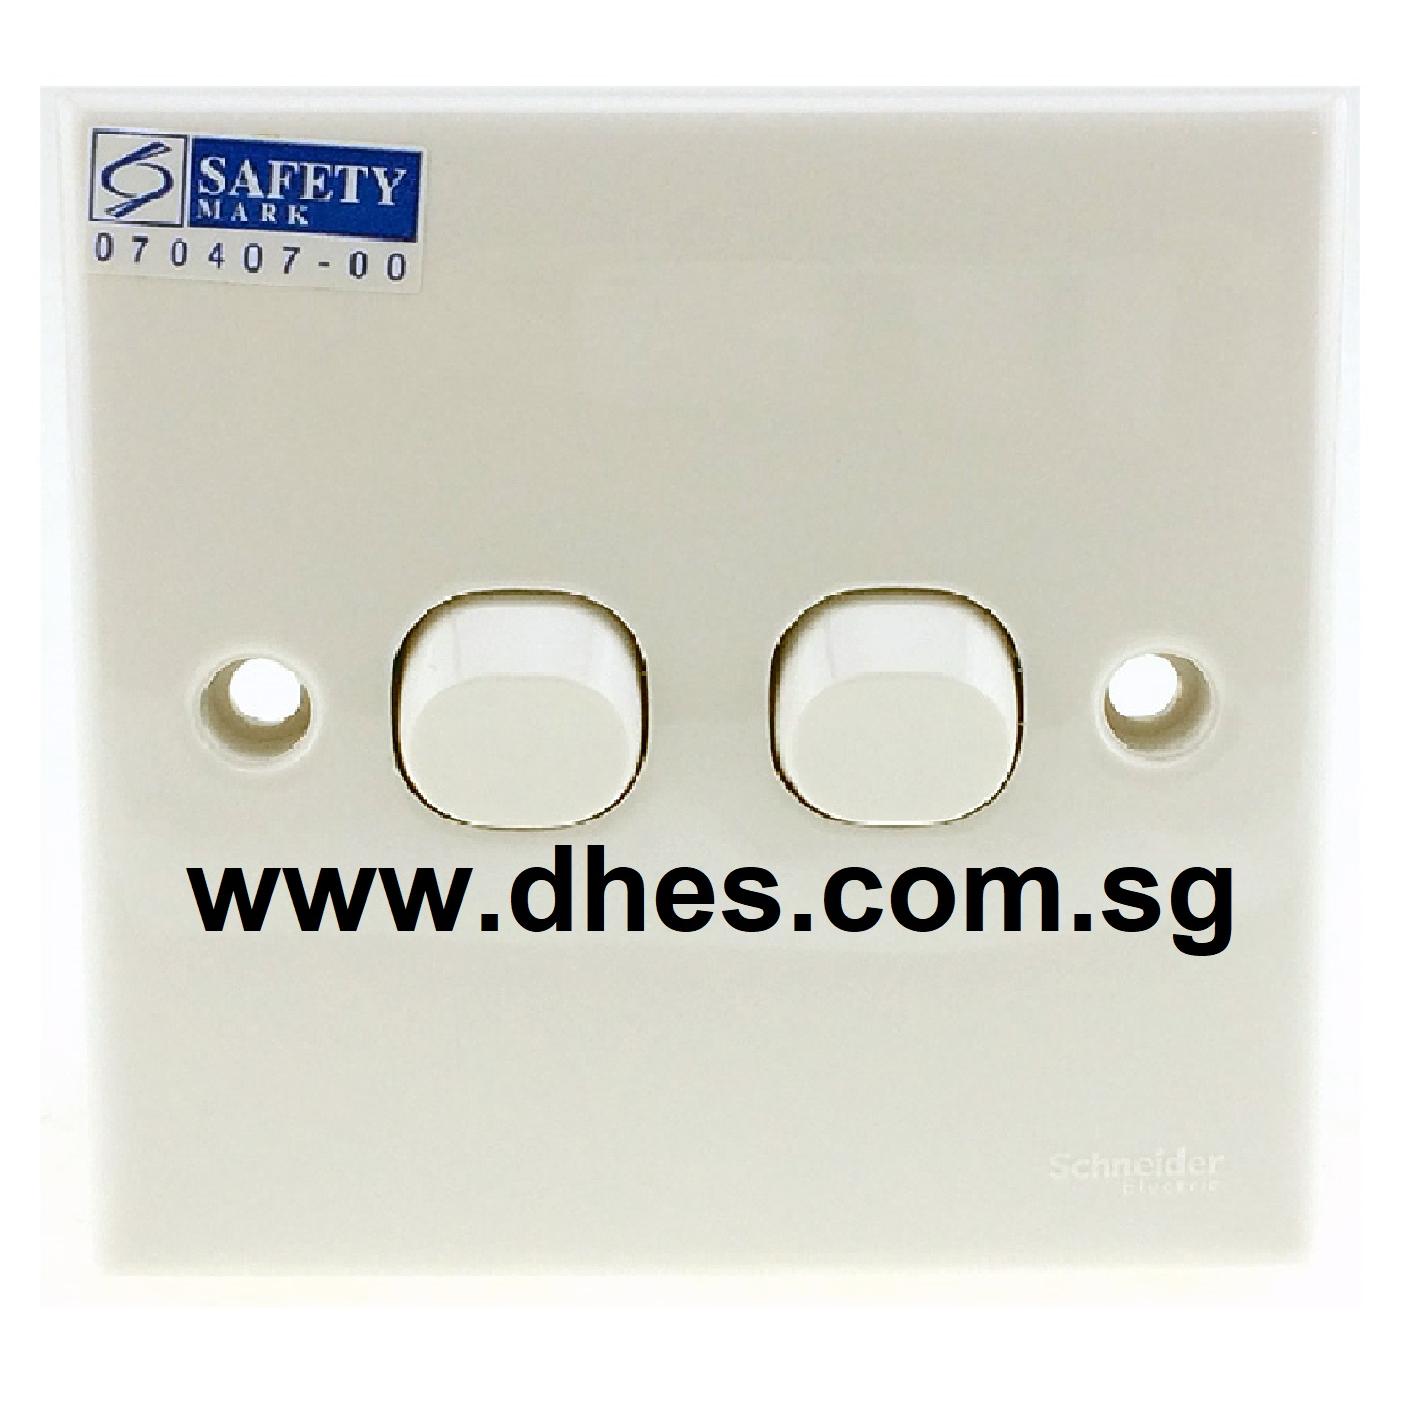 Clipsal / Schneider 10A Flush Switch 2 Gang